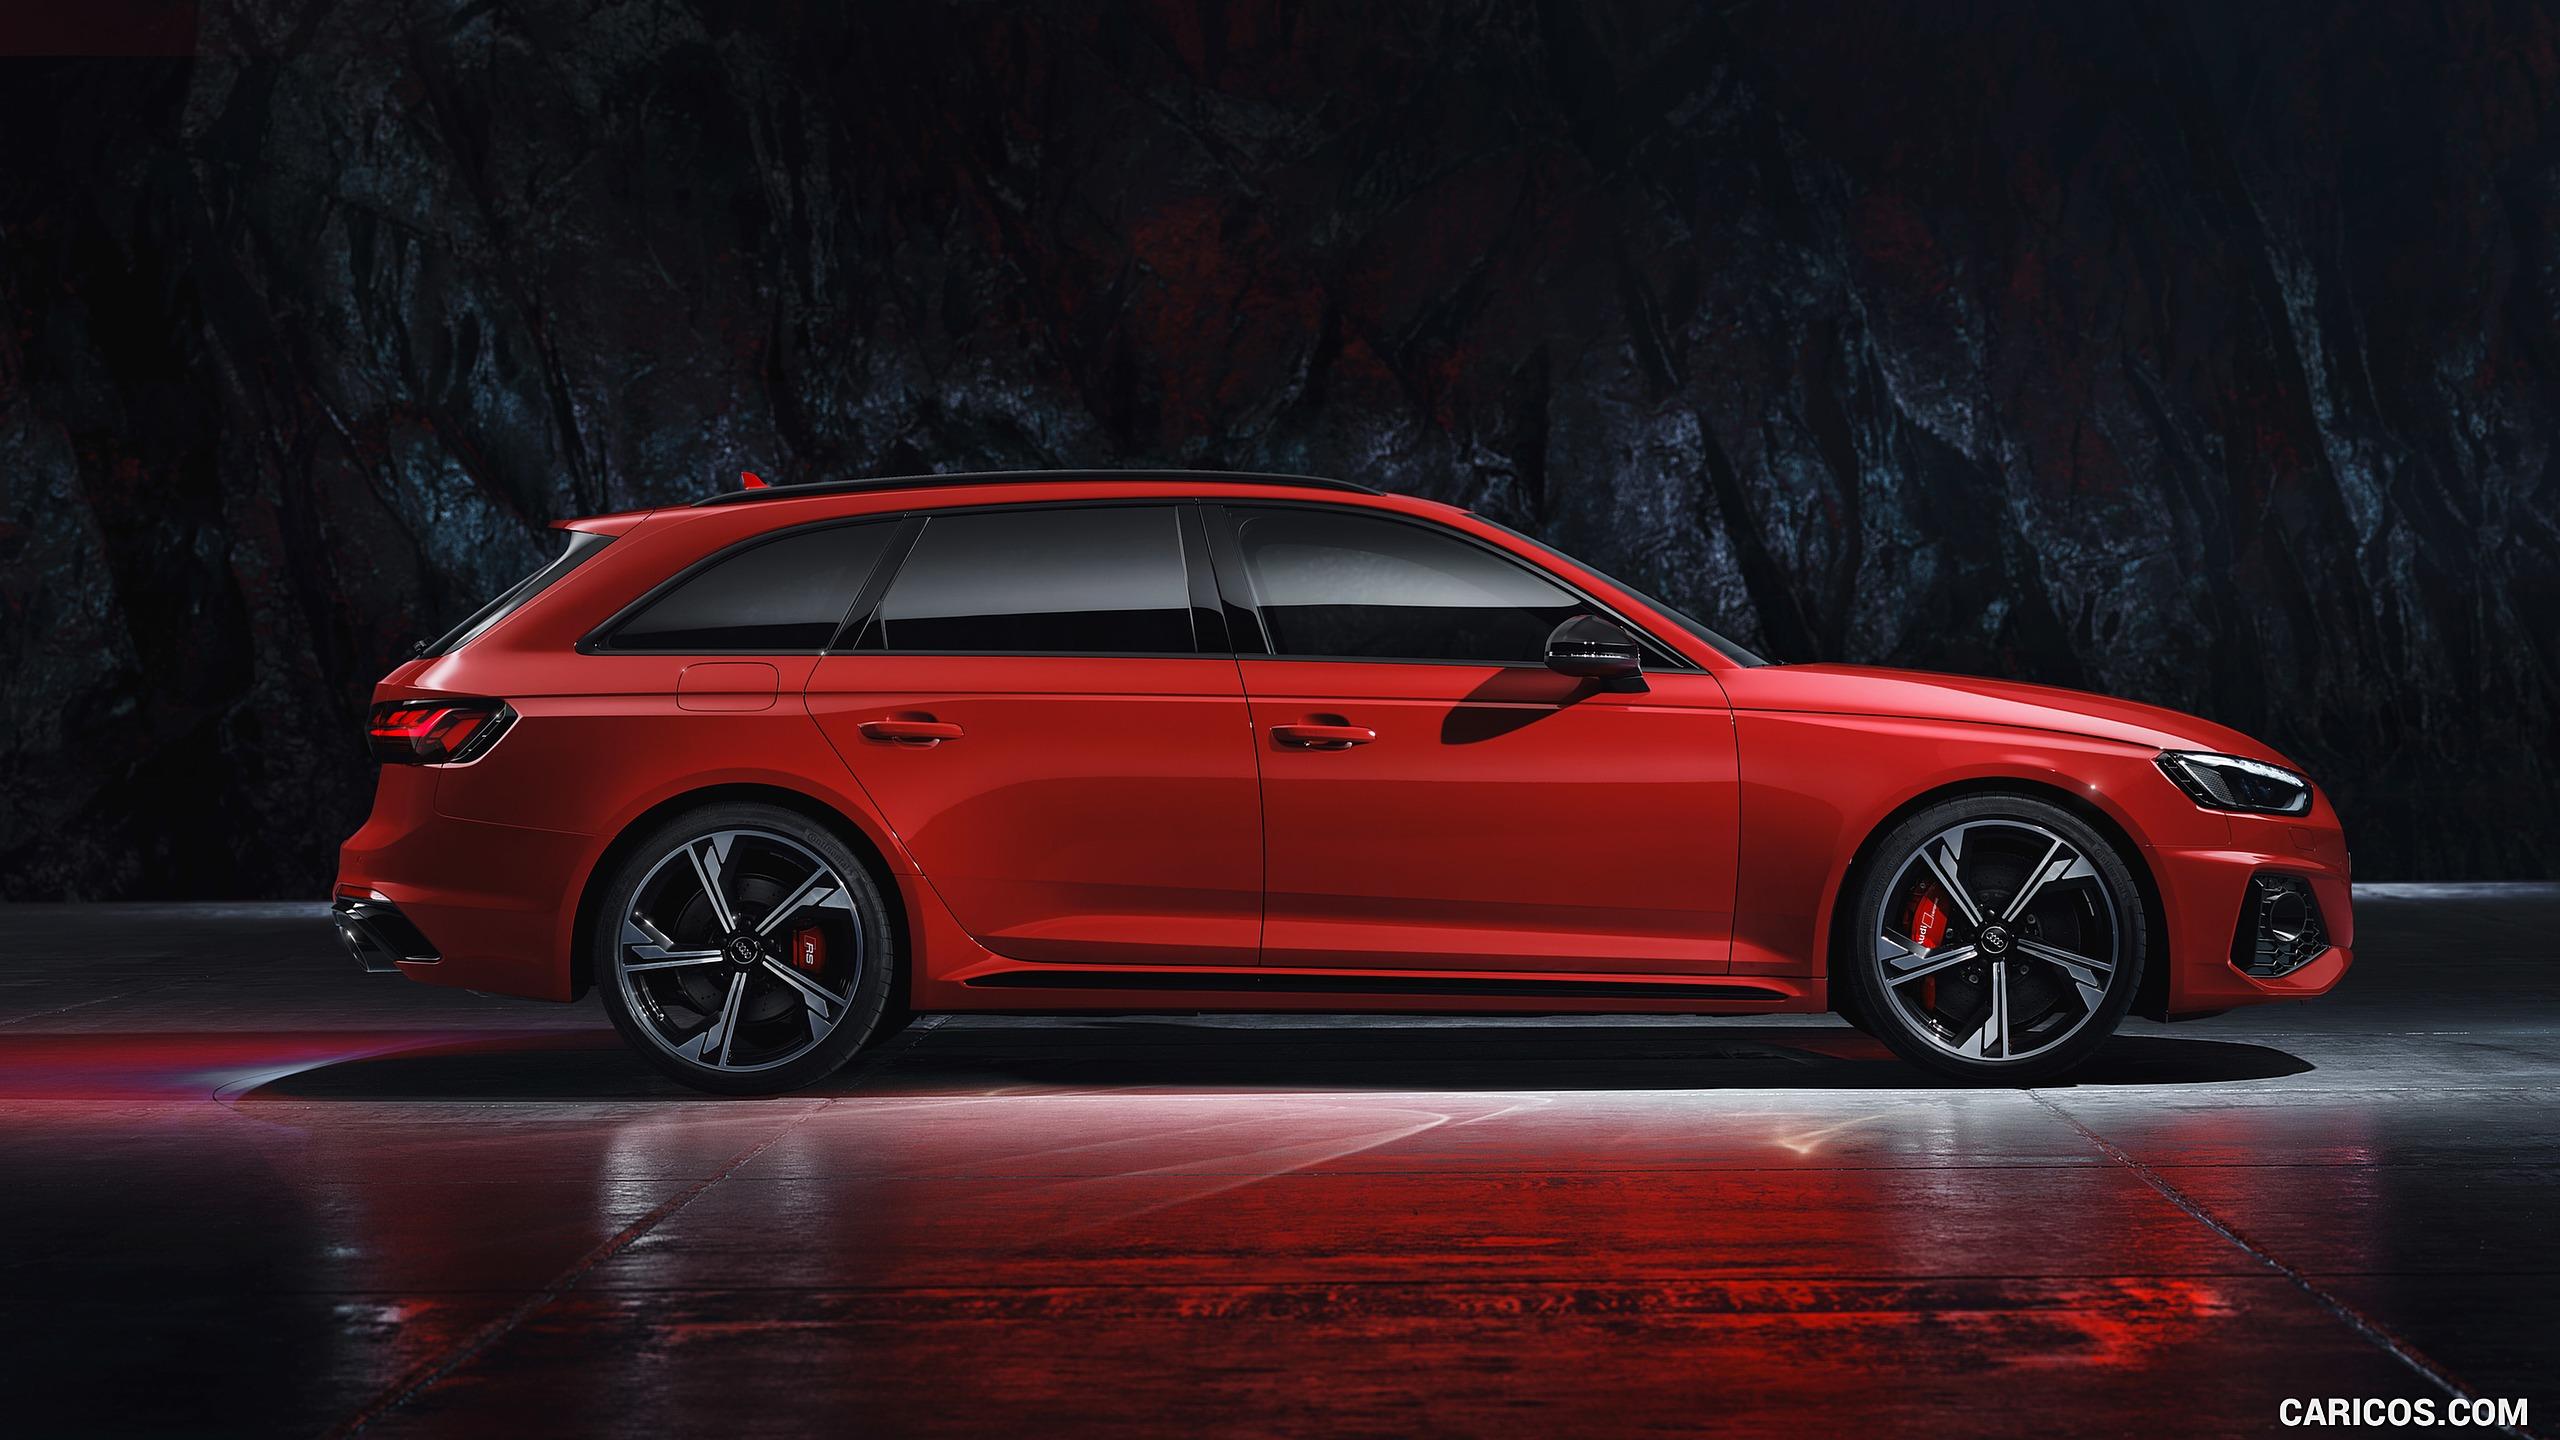 2020 Audi RS 4 Avant Color Tango Red HD Wallpaper 33 2560x1440